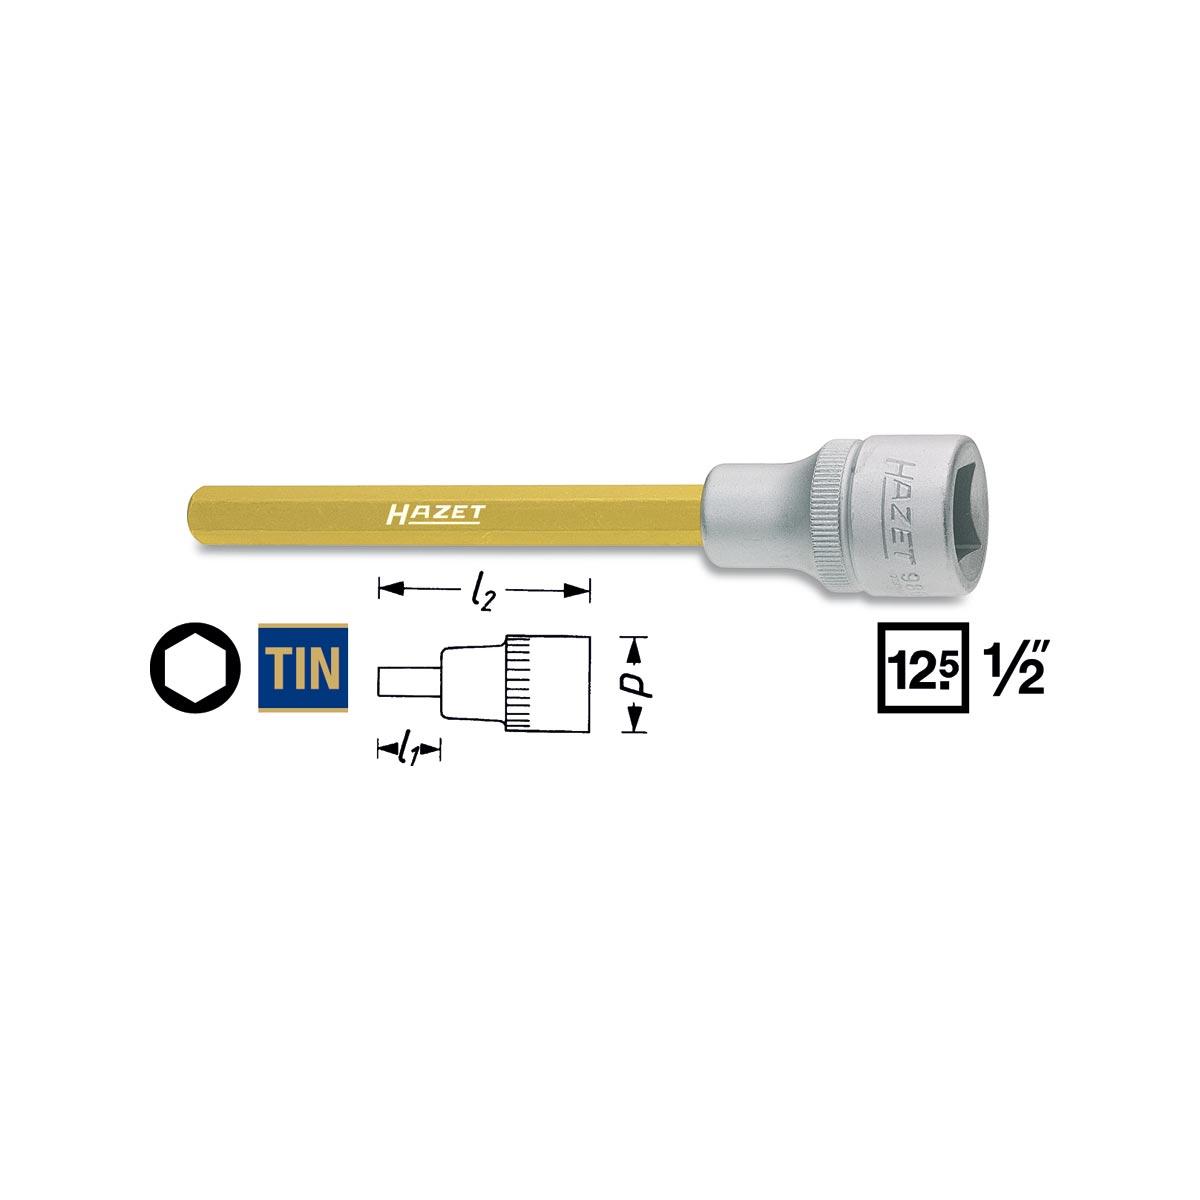 140-49-205 NWS Flachrundzange Radiozange 205 mm